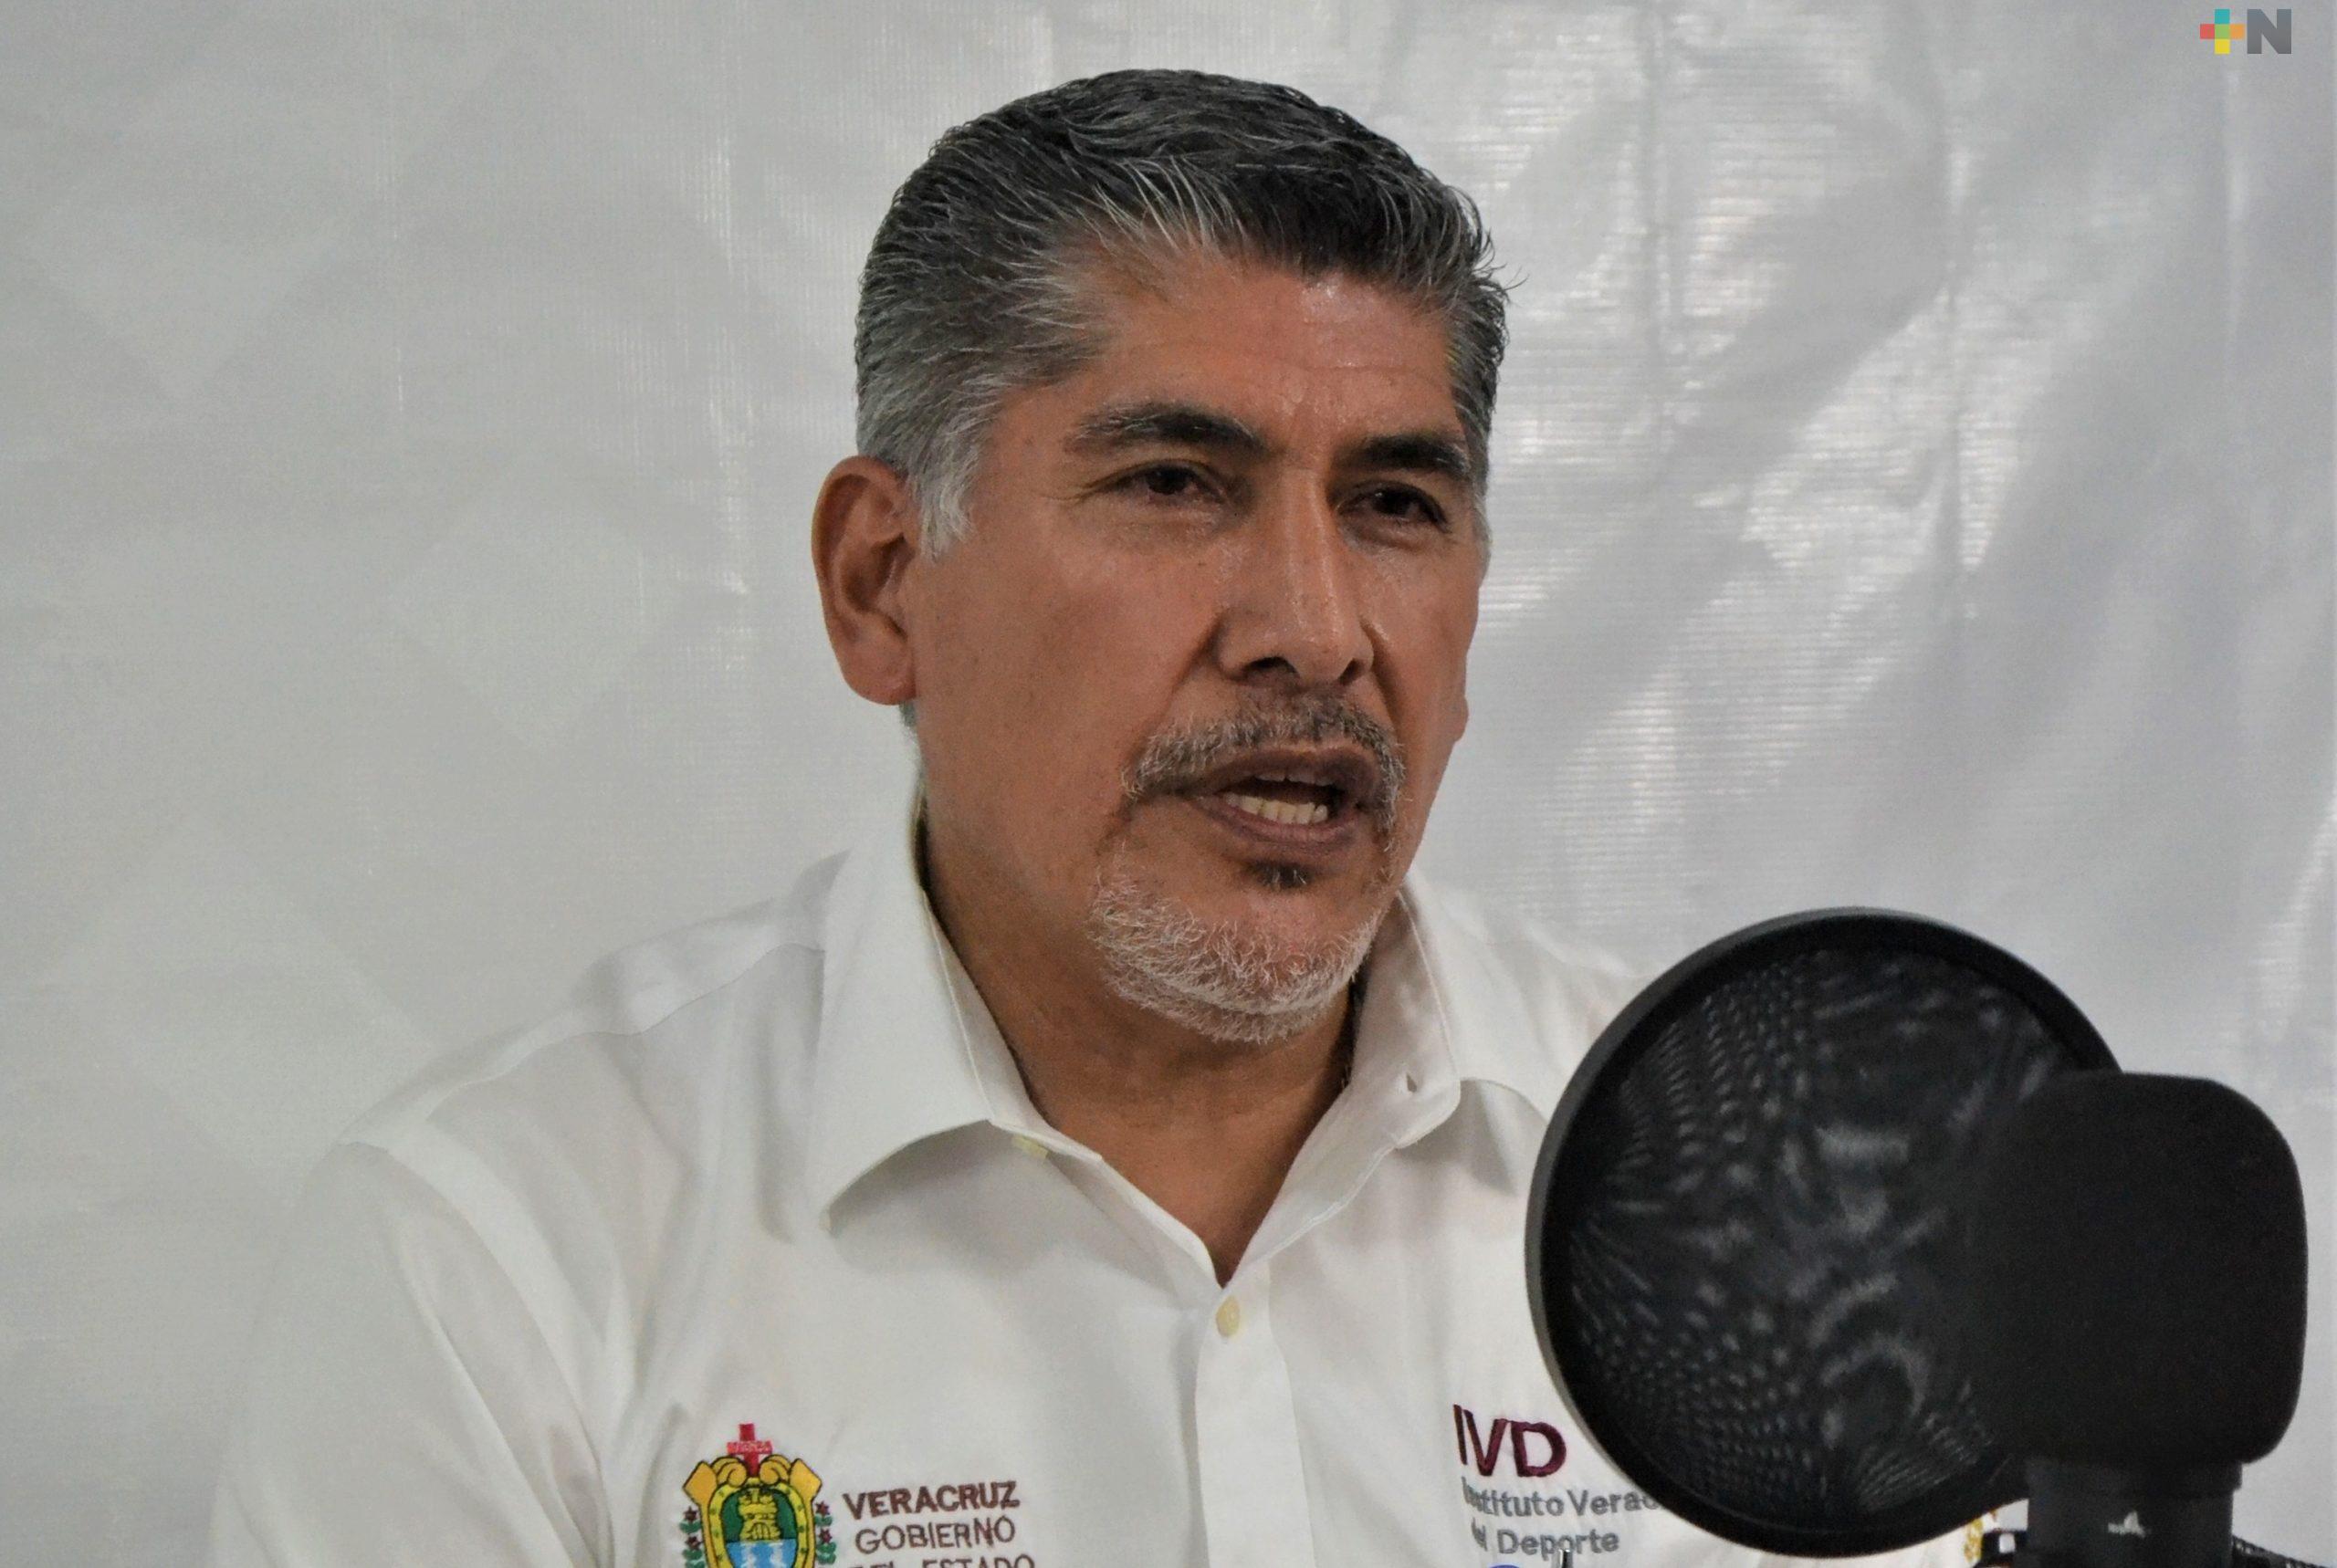 El IVD continúa trabajando: José Alberto Nava